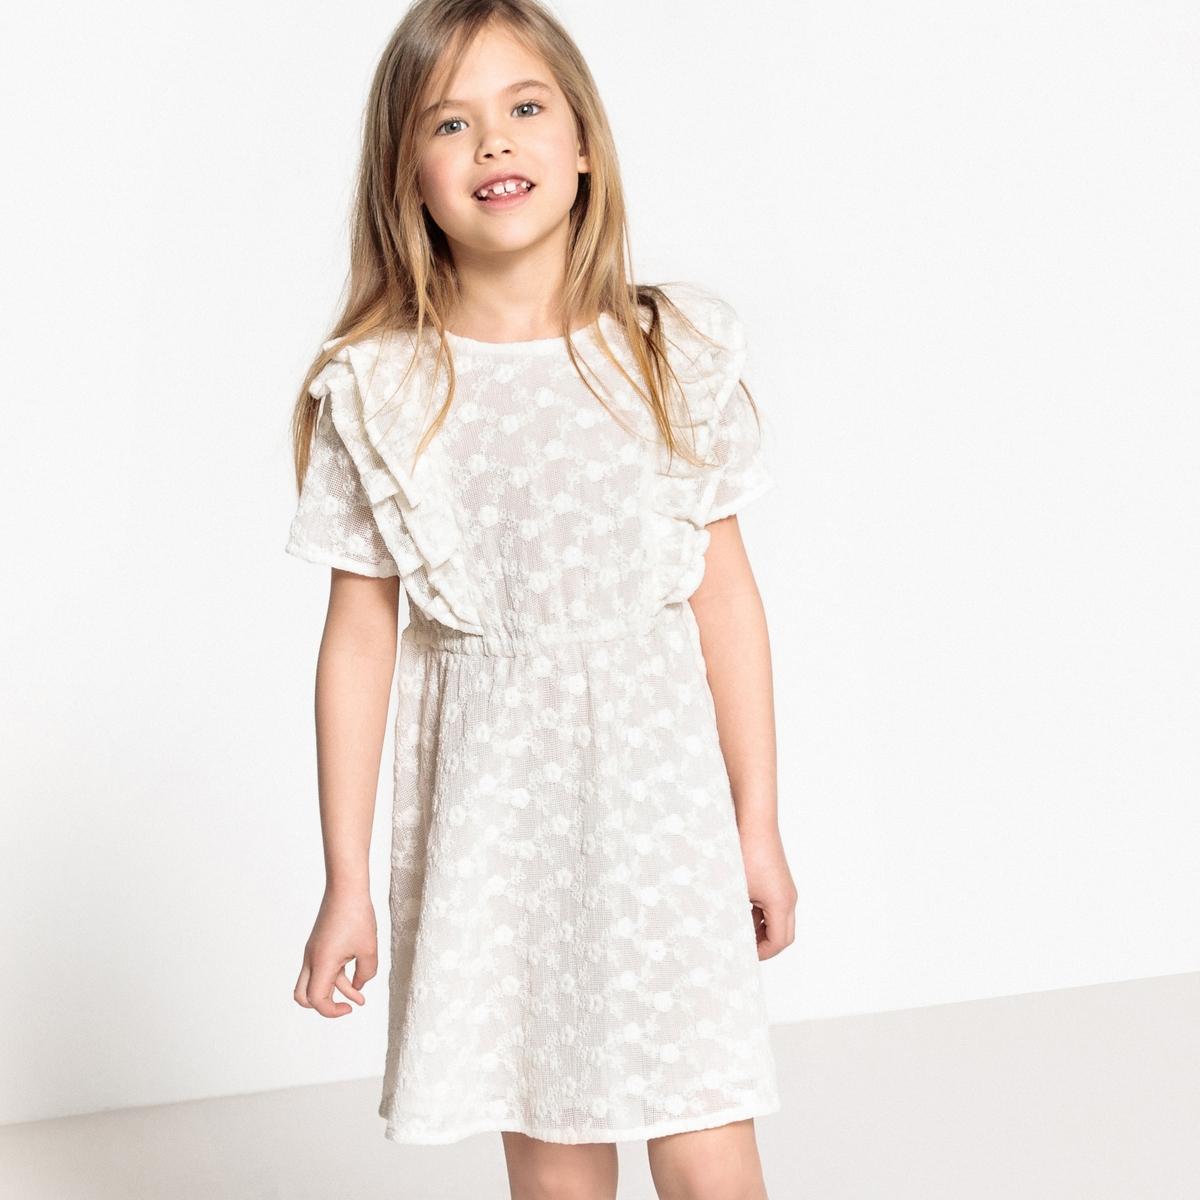 Платье с вышивкой и воланами, 3-12 лет футболка с вышивкой и воланами 3 12 лет